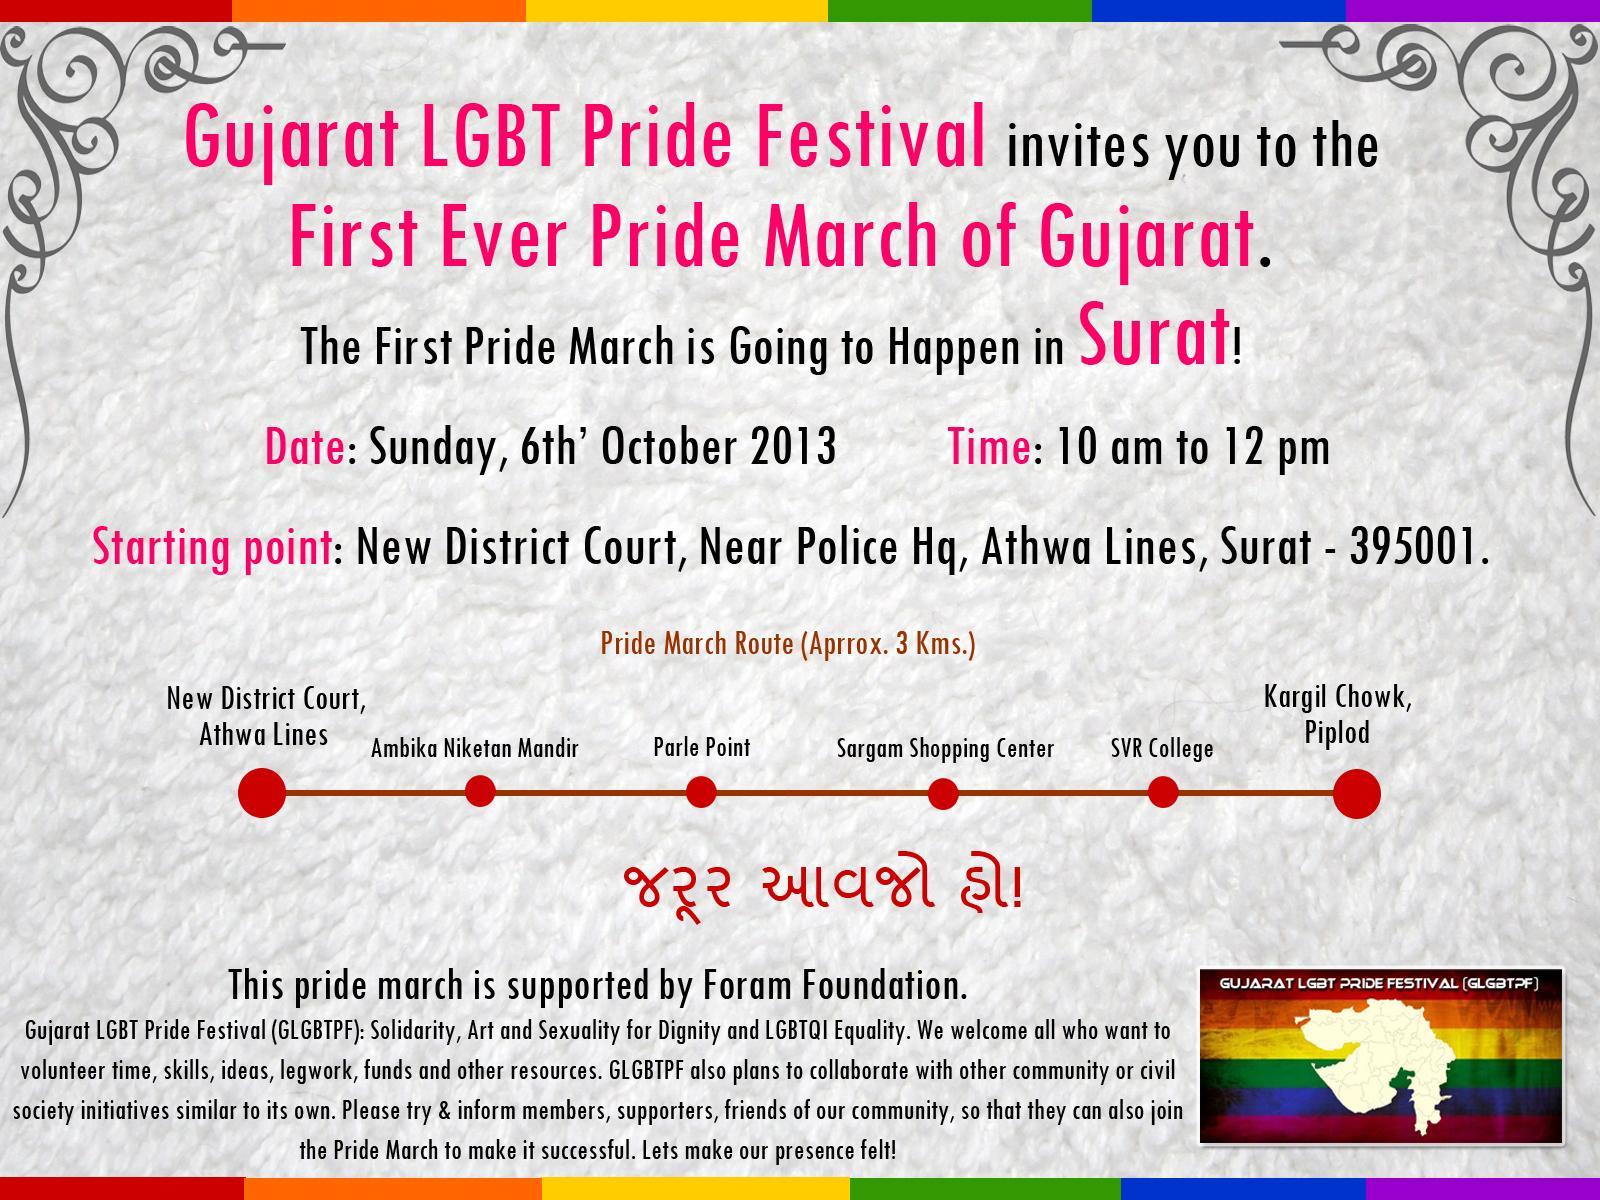 GLGBTPF Invitation